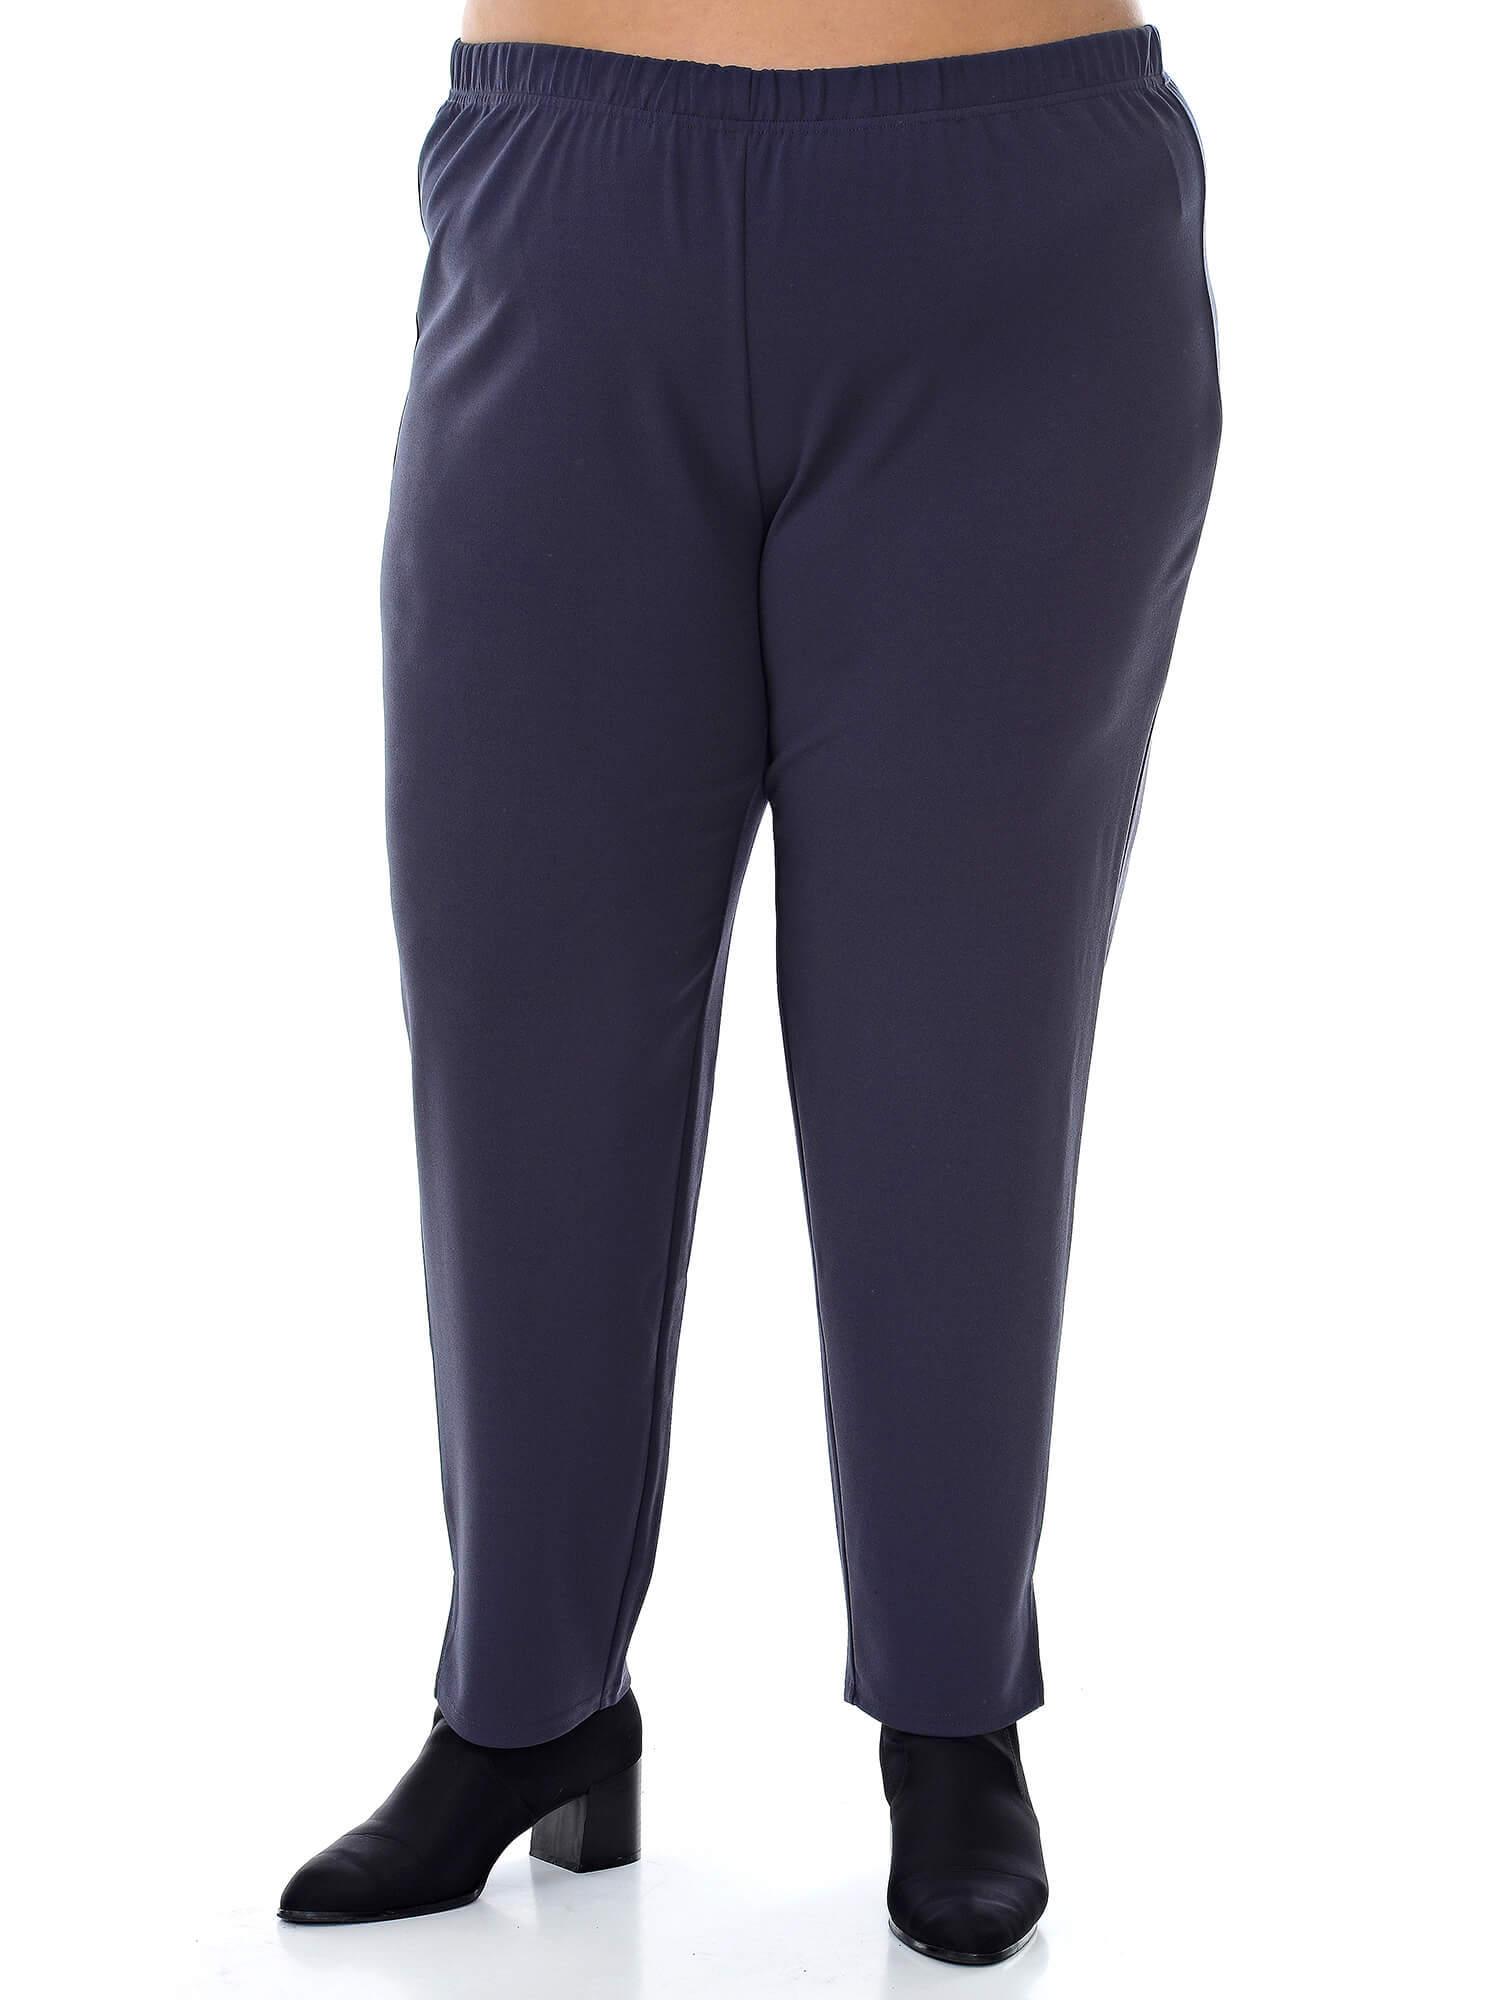 Зауженные женские серые брюки 76 размера